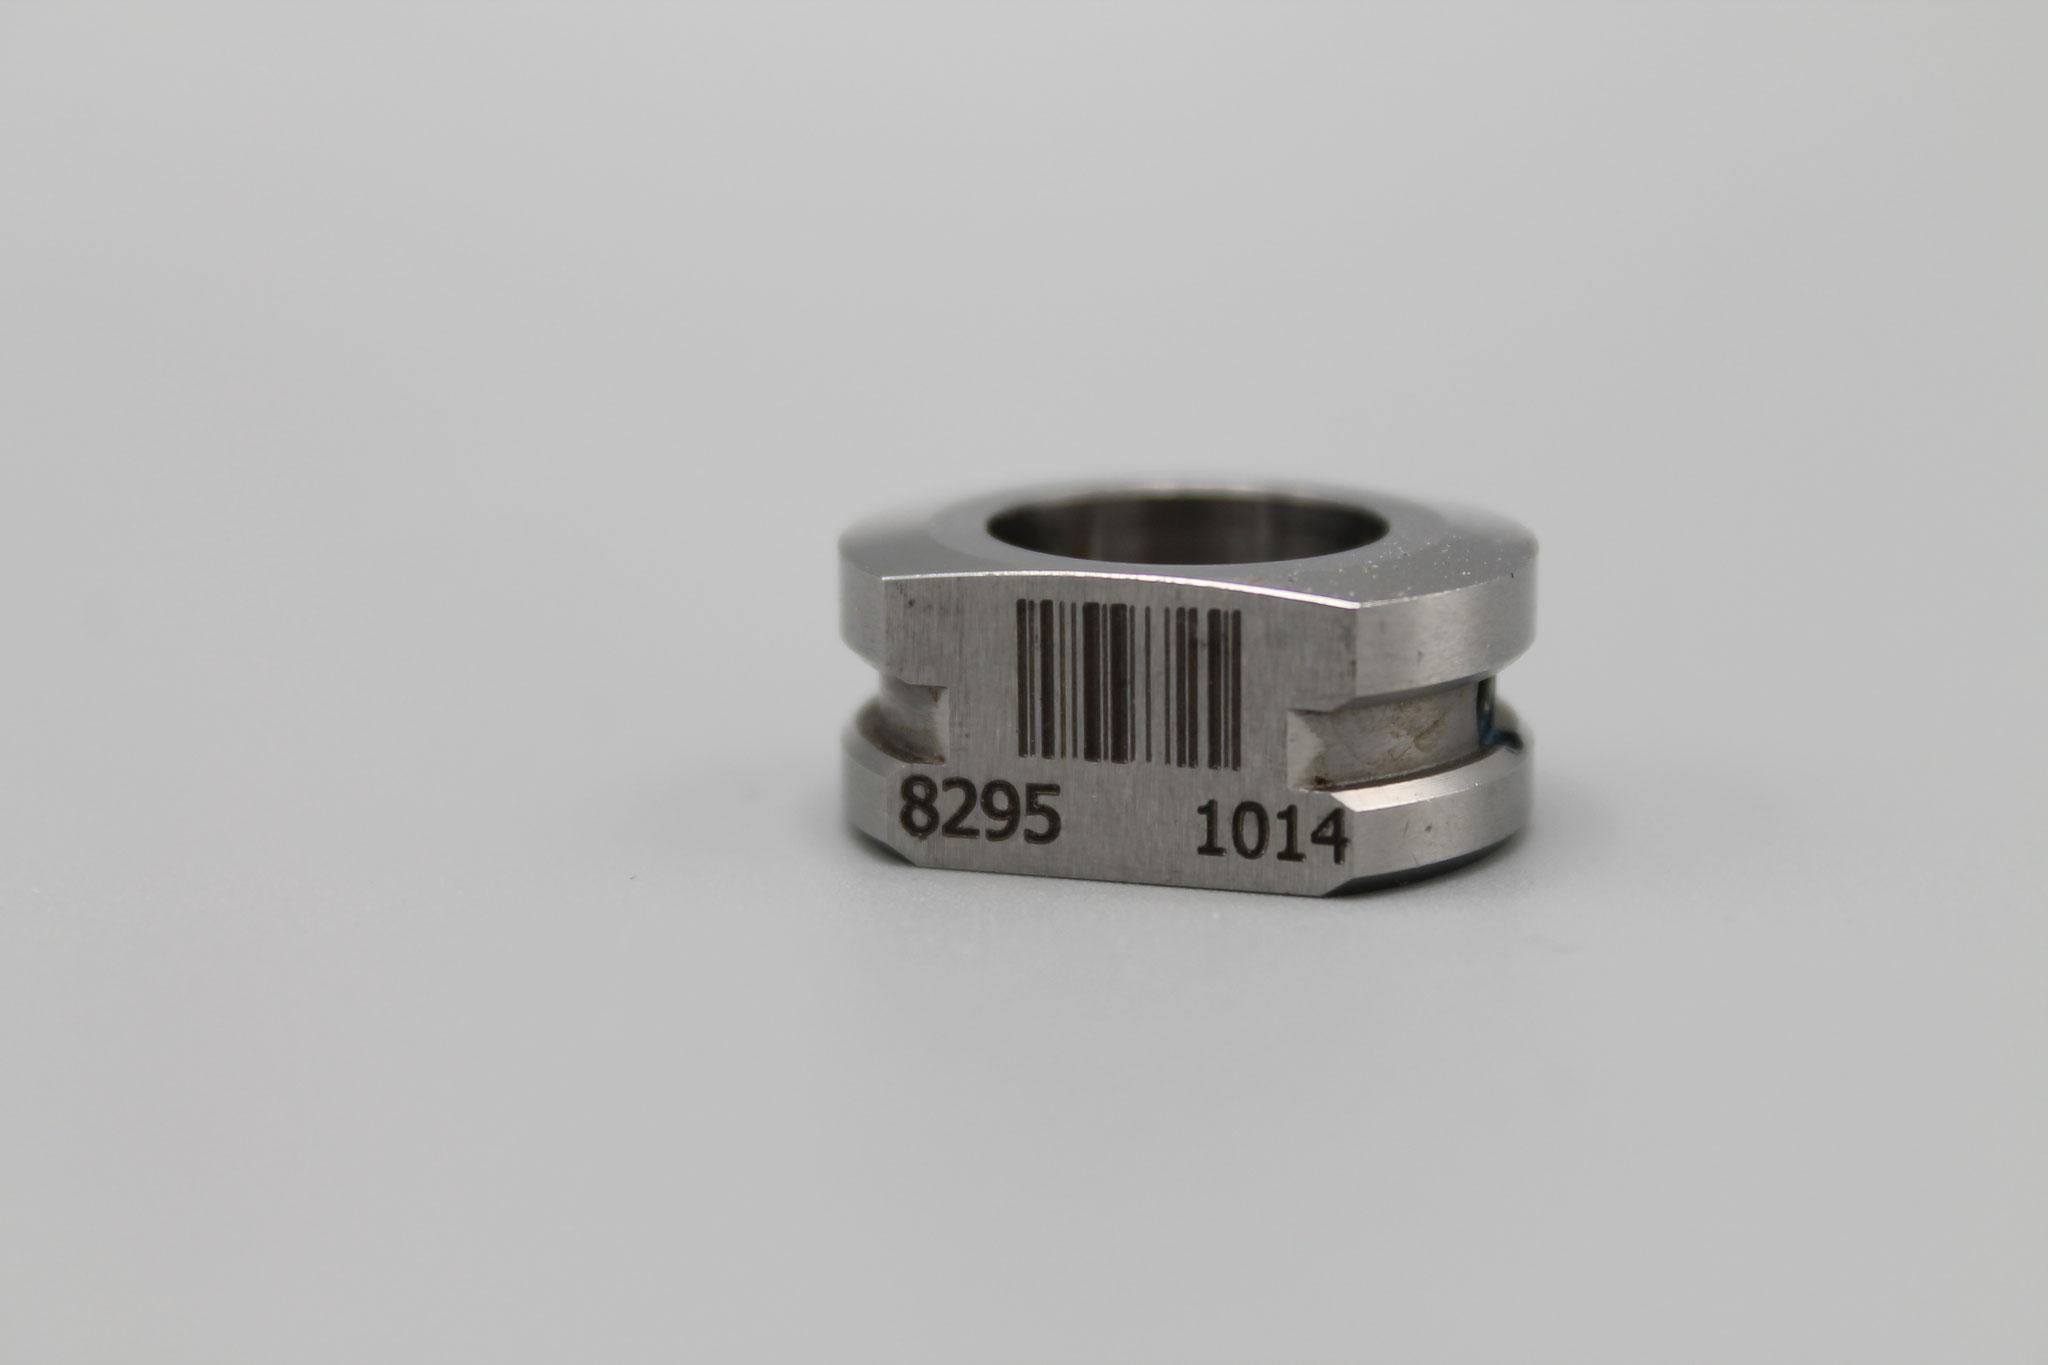 Lasergravur eines Barcodes und der Artikelnummer auf Metall